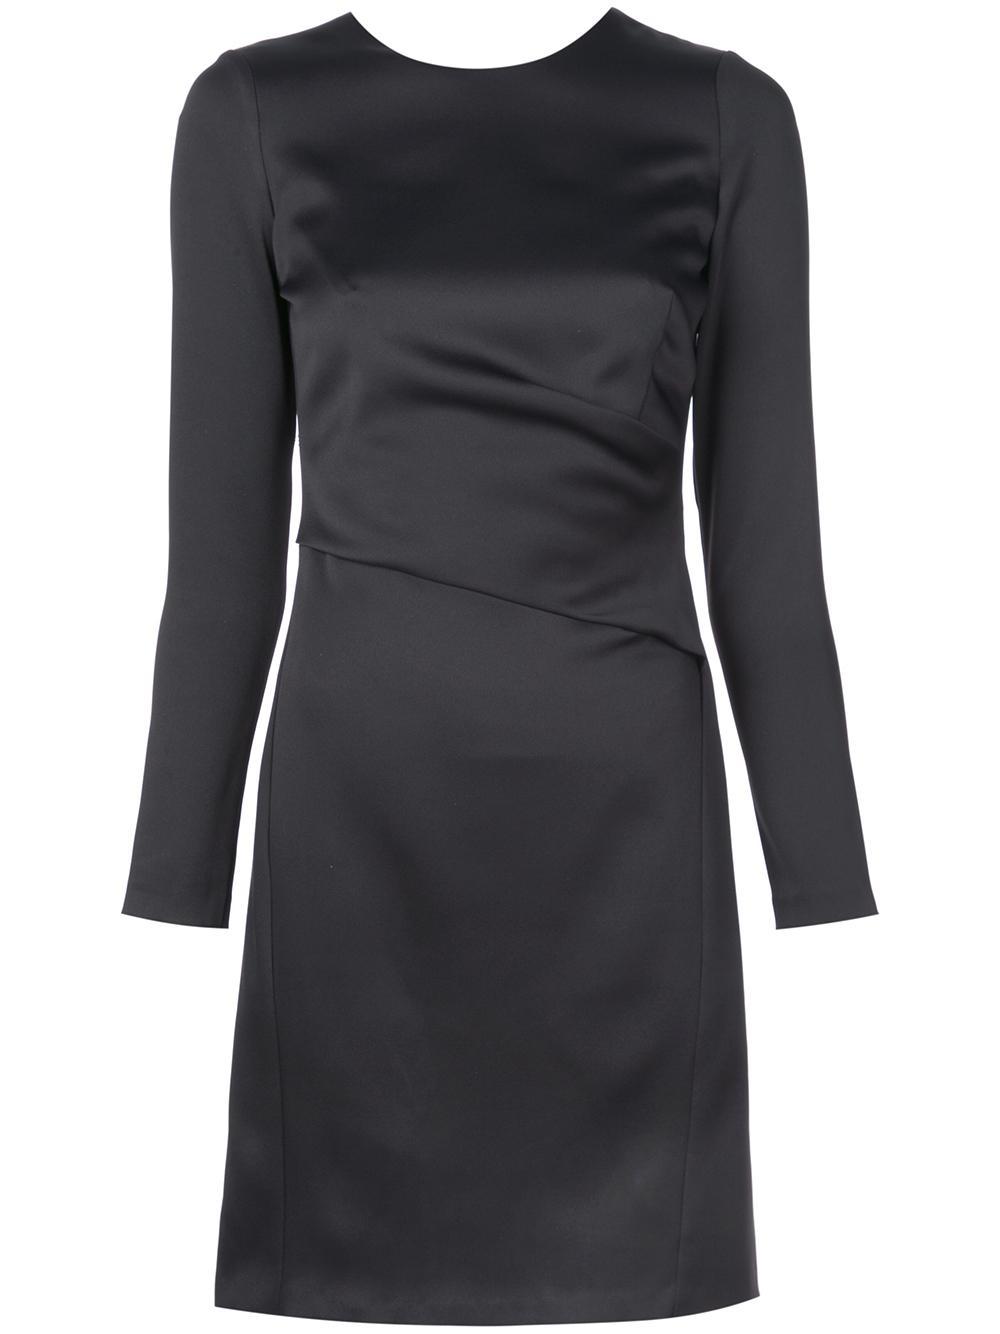 Stretch Crepe Shift Dress Item # LW143